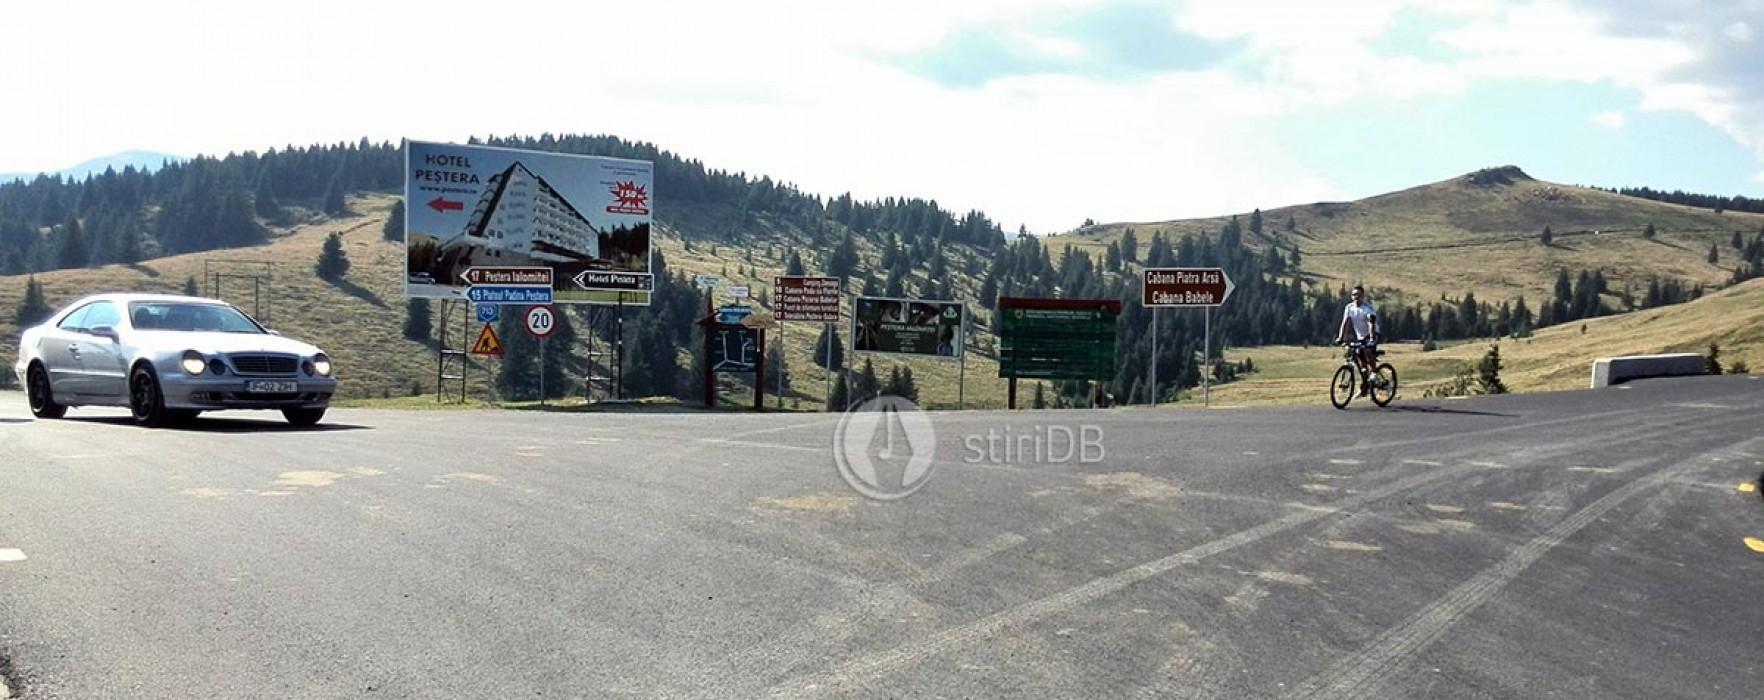 Dâmboviţa: Autorităţile judeţene vor să realizeze un centru pentru servicii de urgenţă în zona montană, la Peştera